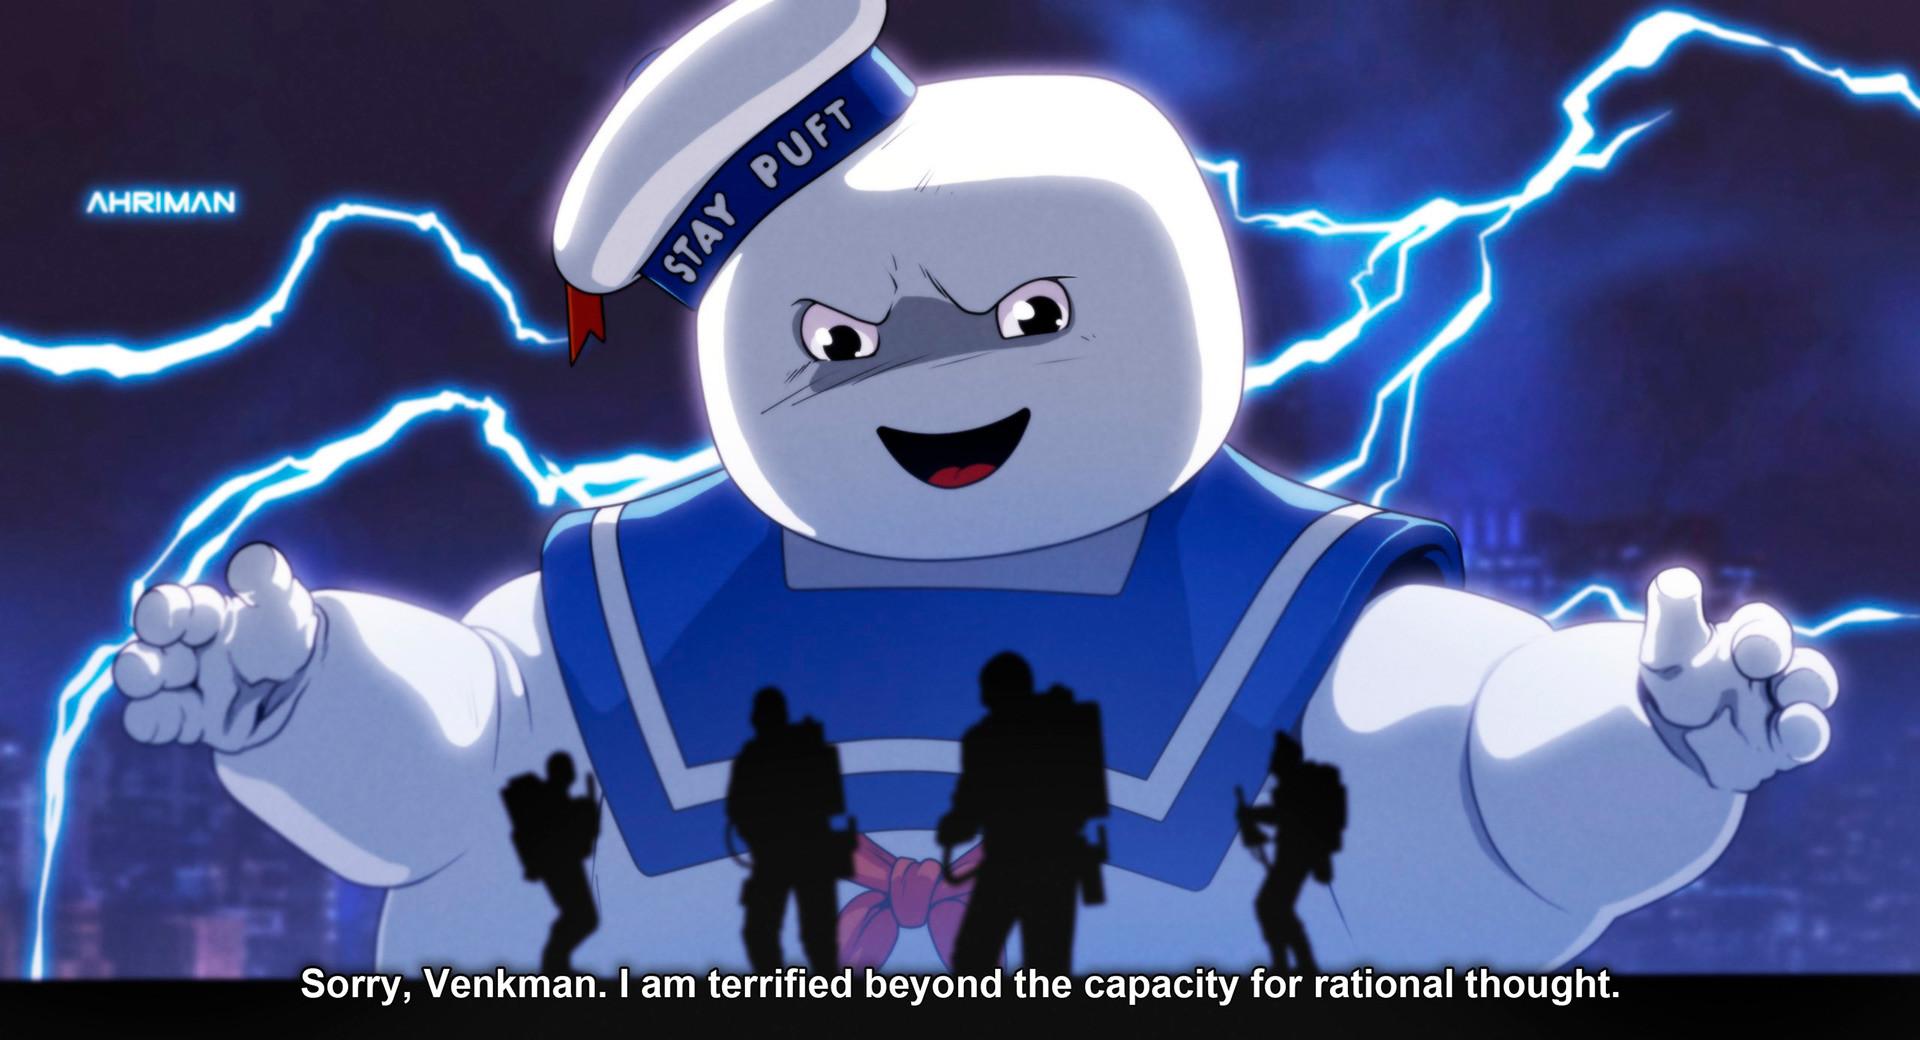 Désolé, Venkman, je suis terrifié au-delà de ma capacité à raisonner de manière rationnelle.